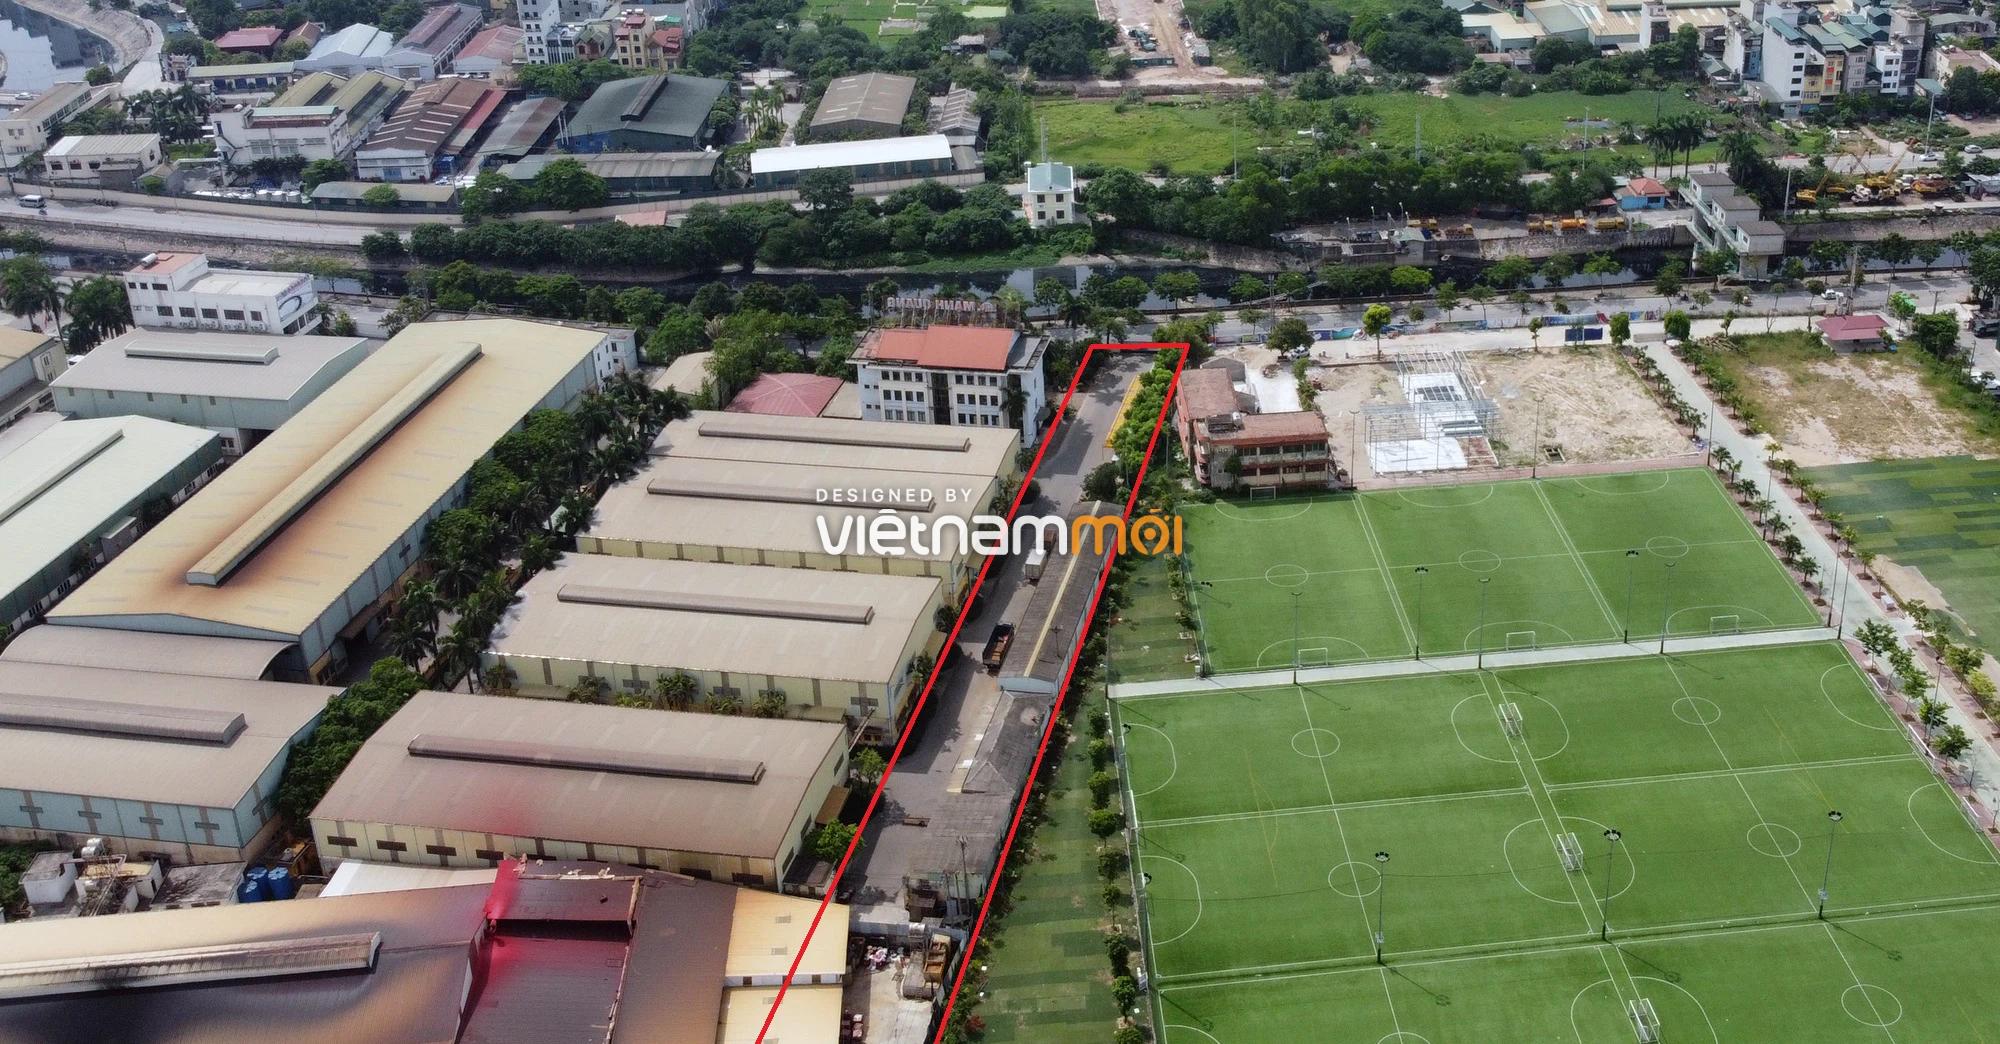 Những khu đất sắp thu hồi để mở đường ở xã Thanh Liệt, Thanh Trì, Hà Nội (phần 1) - Ảnh 5.